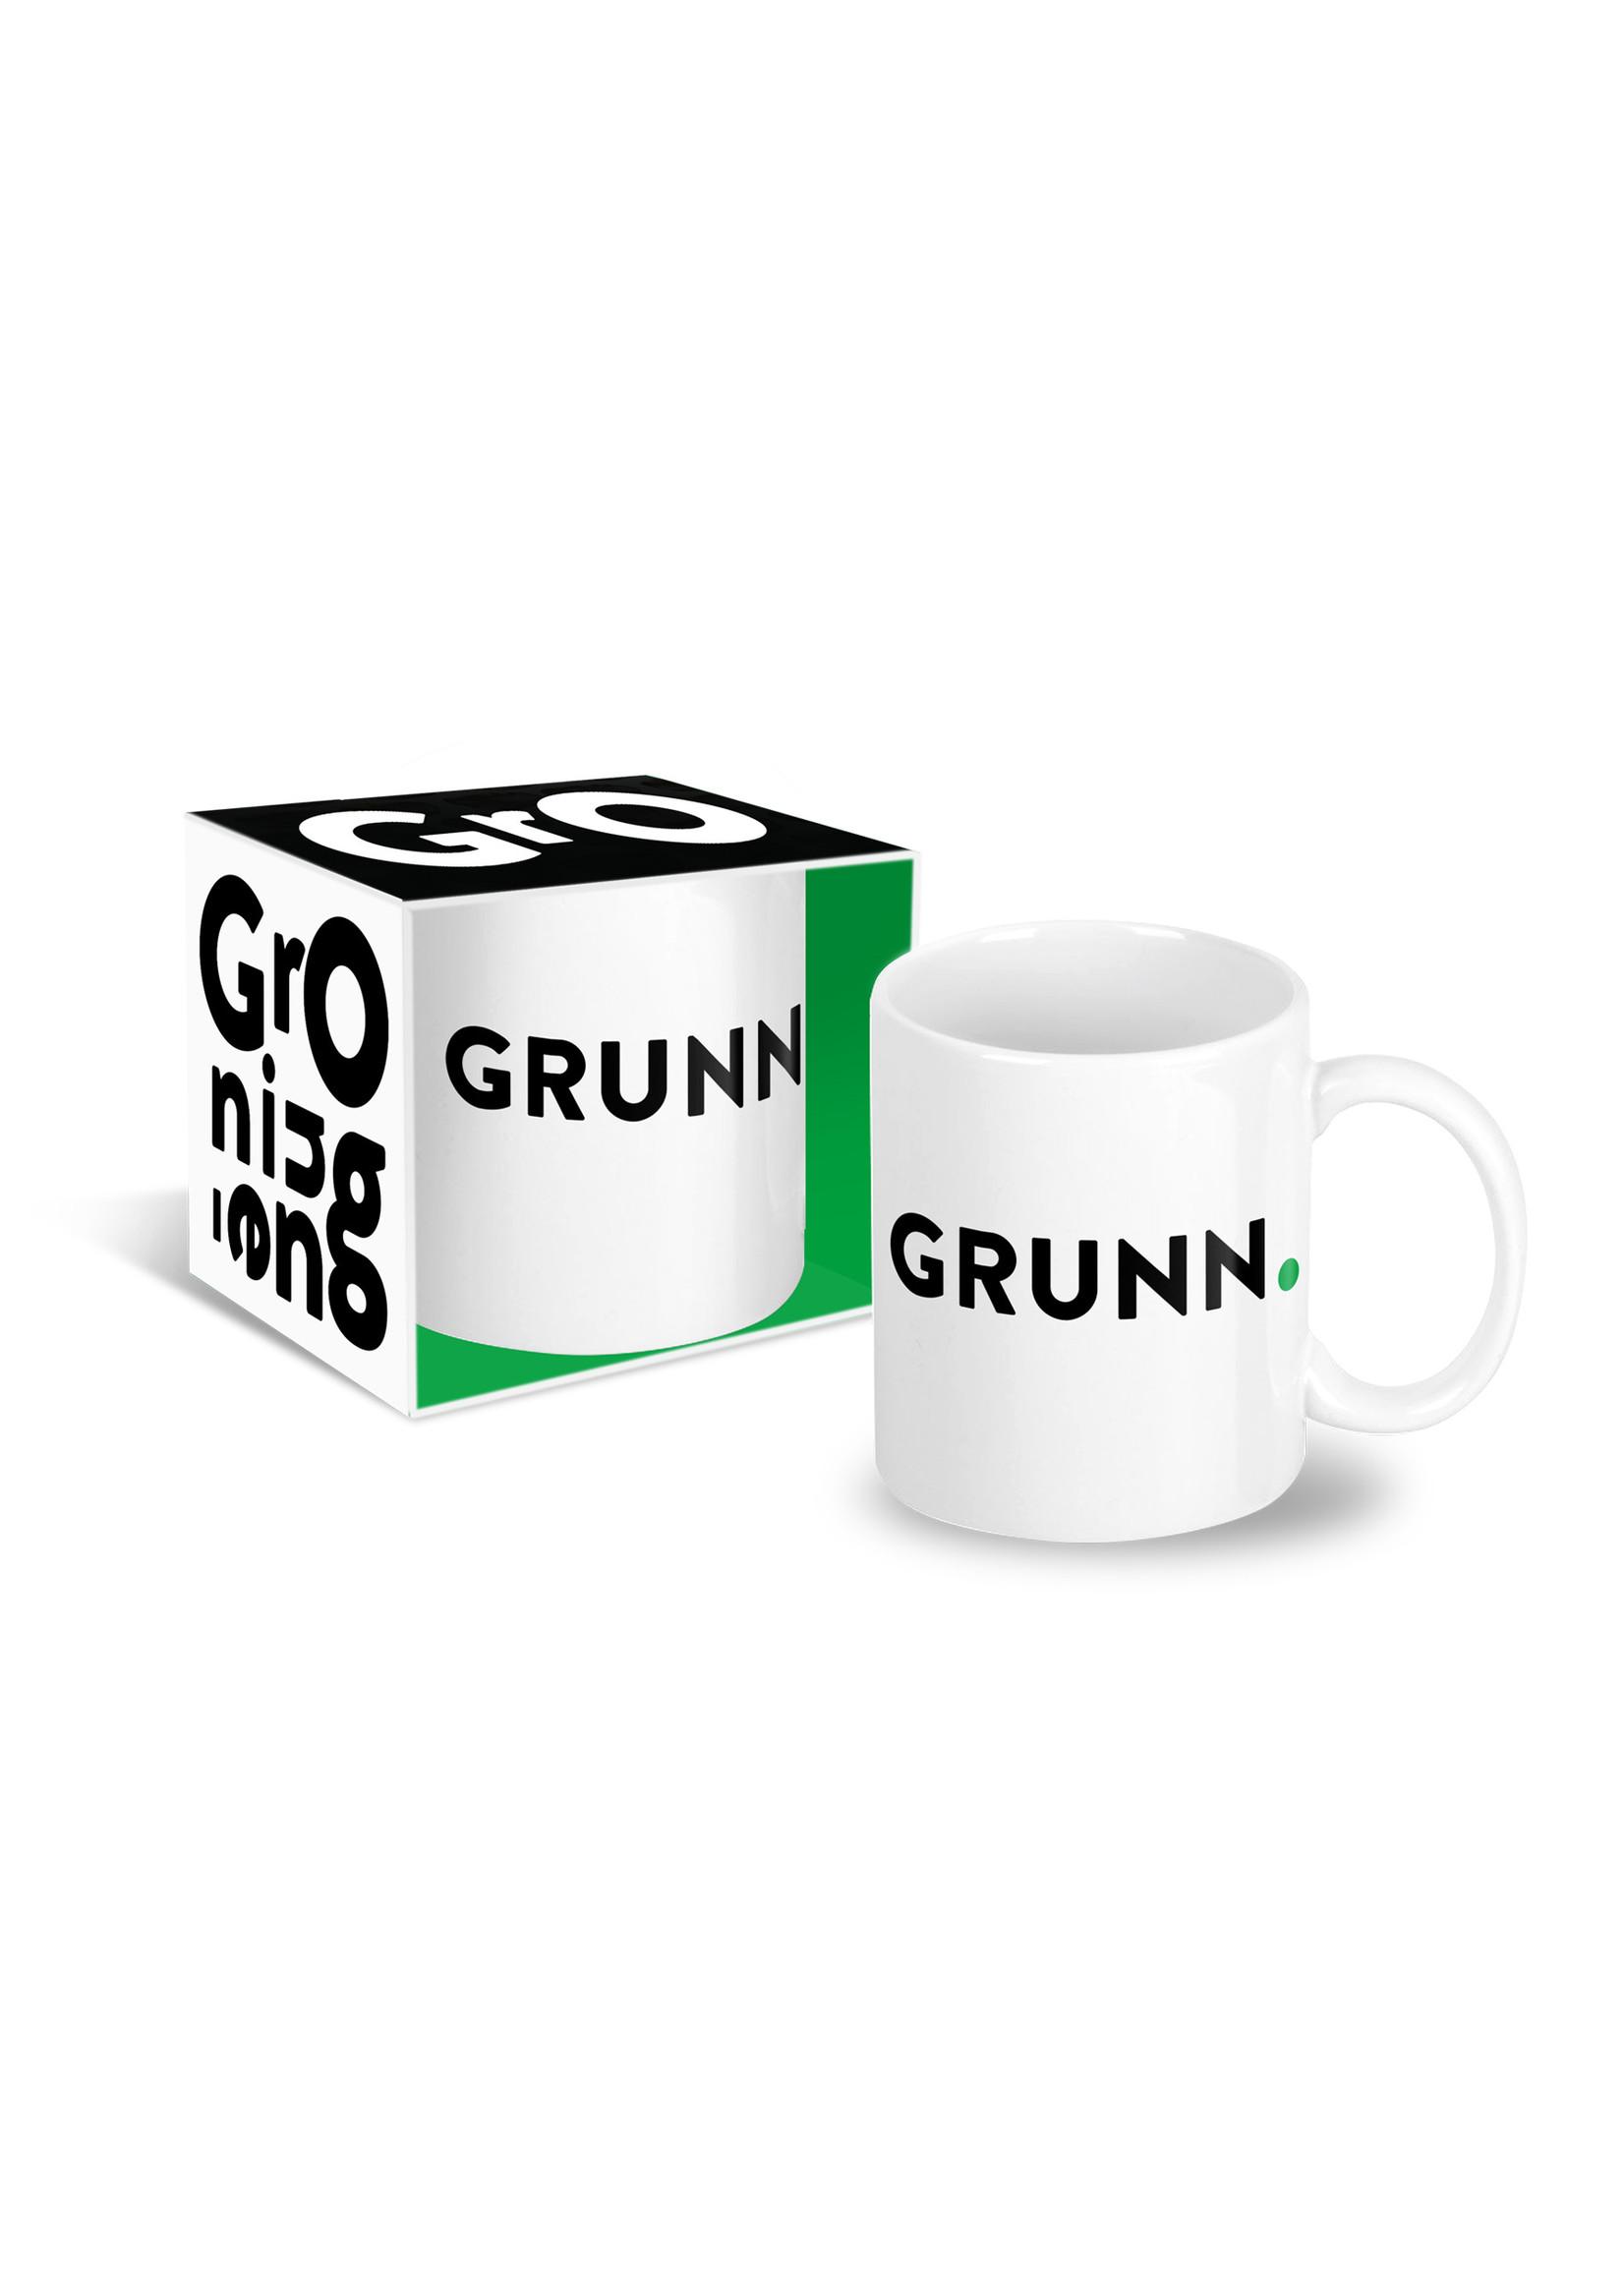 MOK GRONINGEN - GRUNN